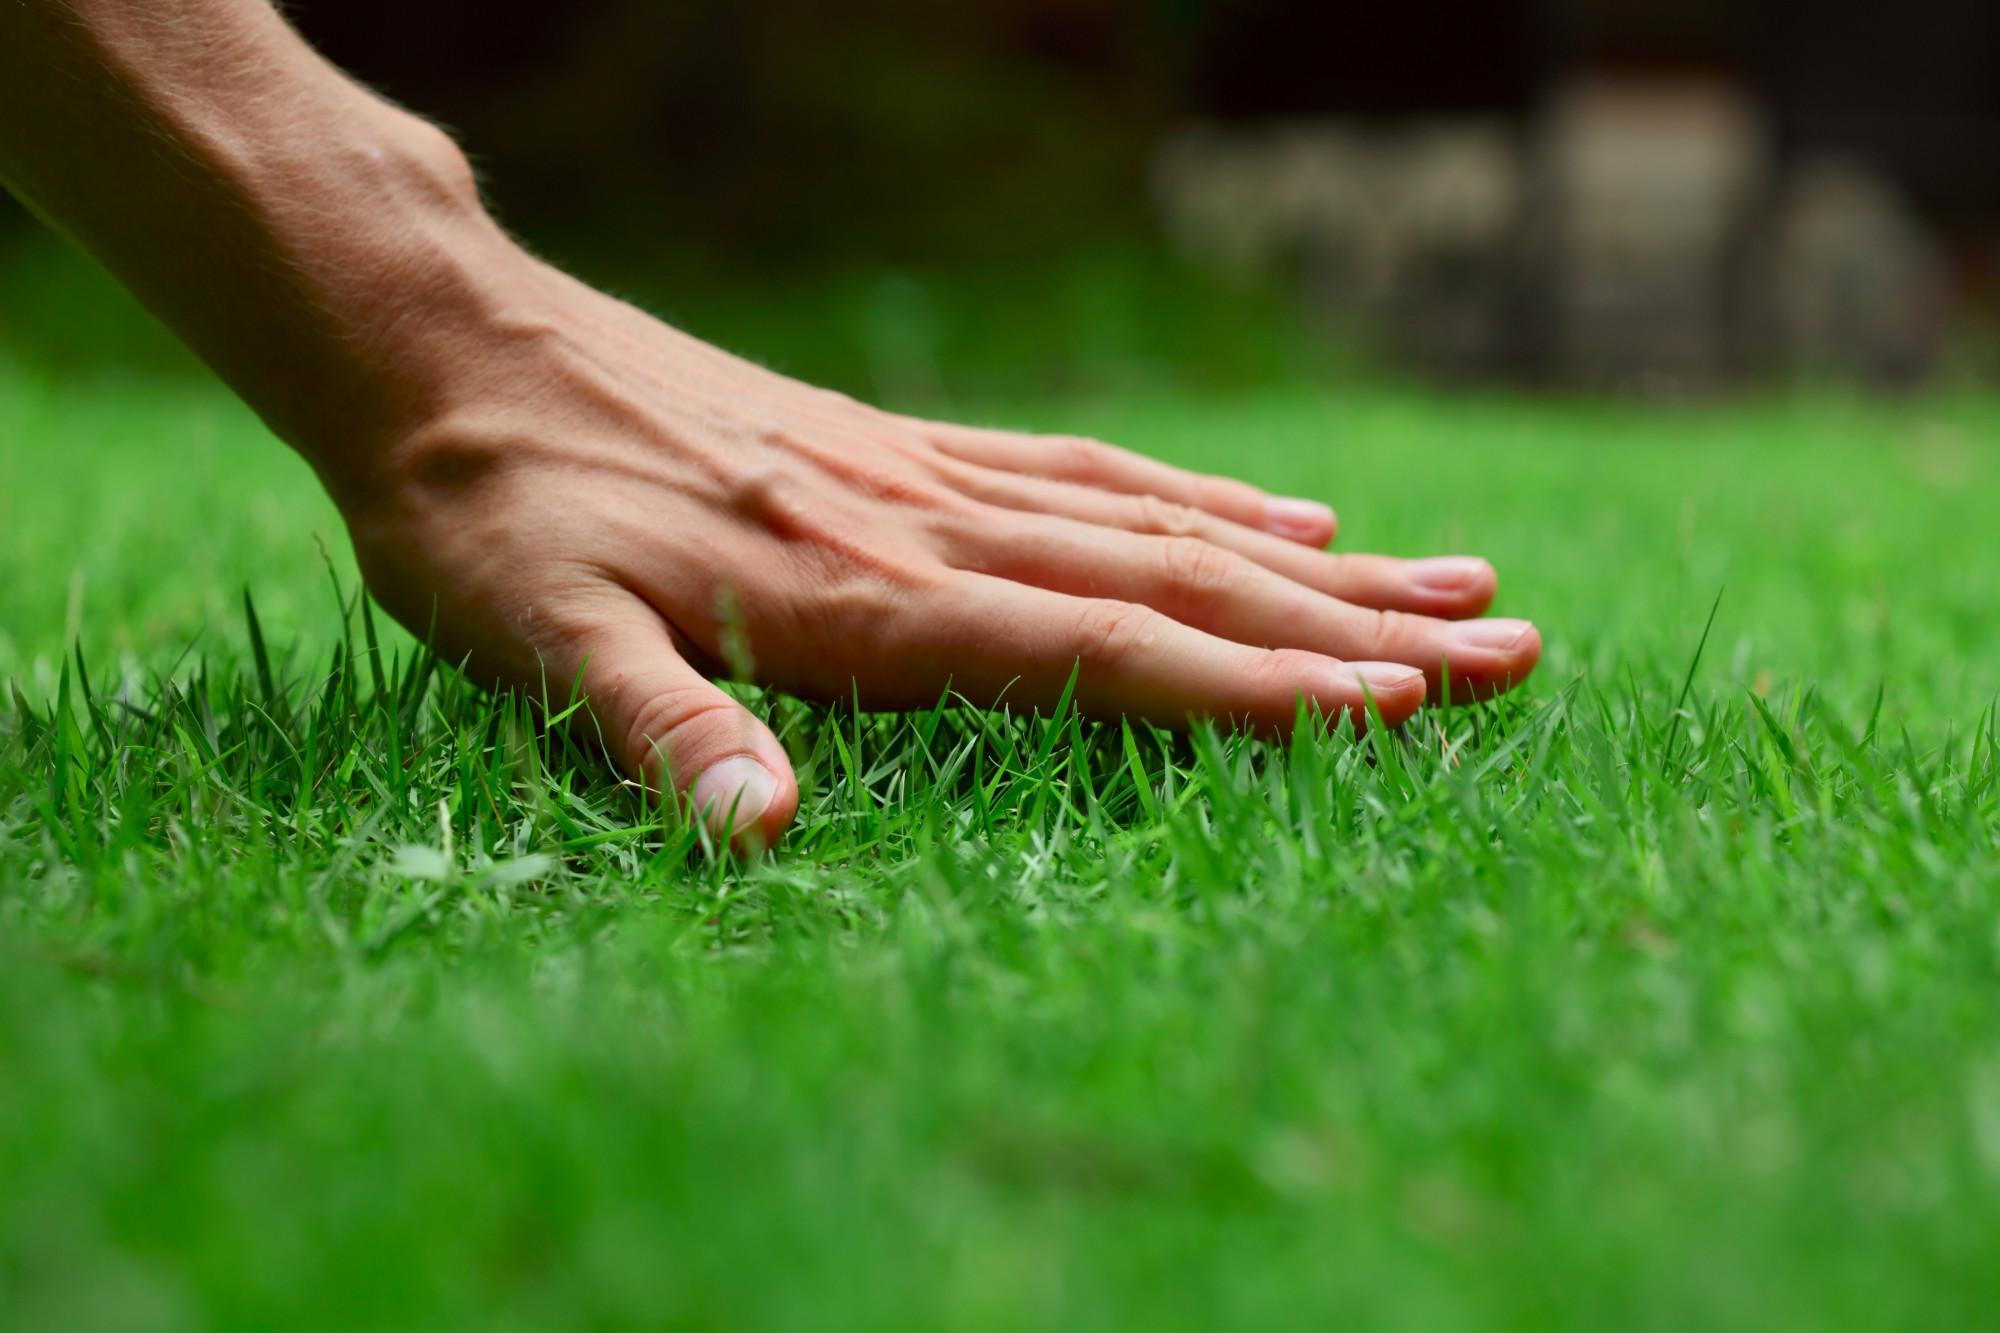 hand feeling lawn